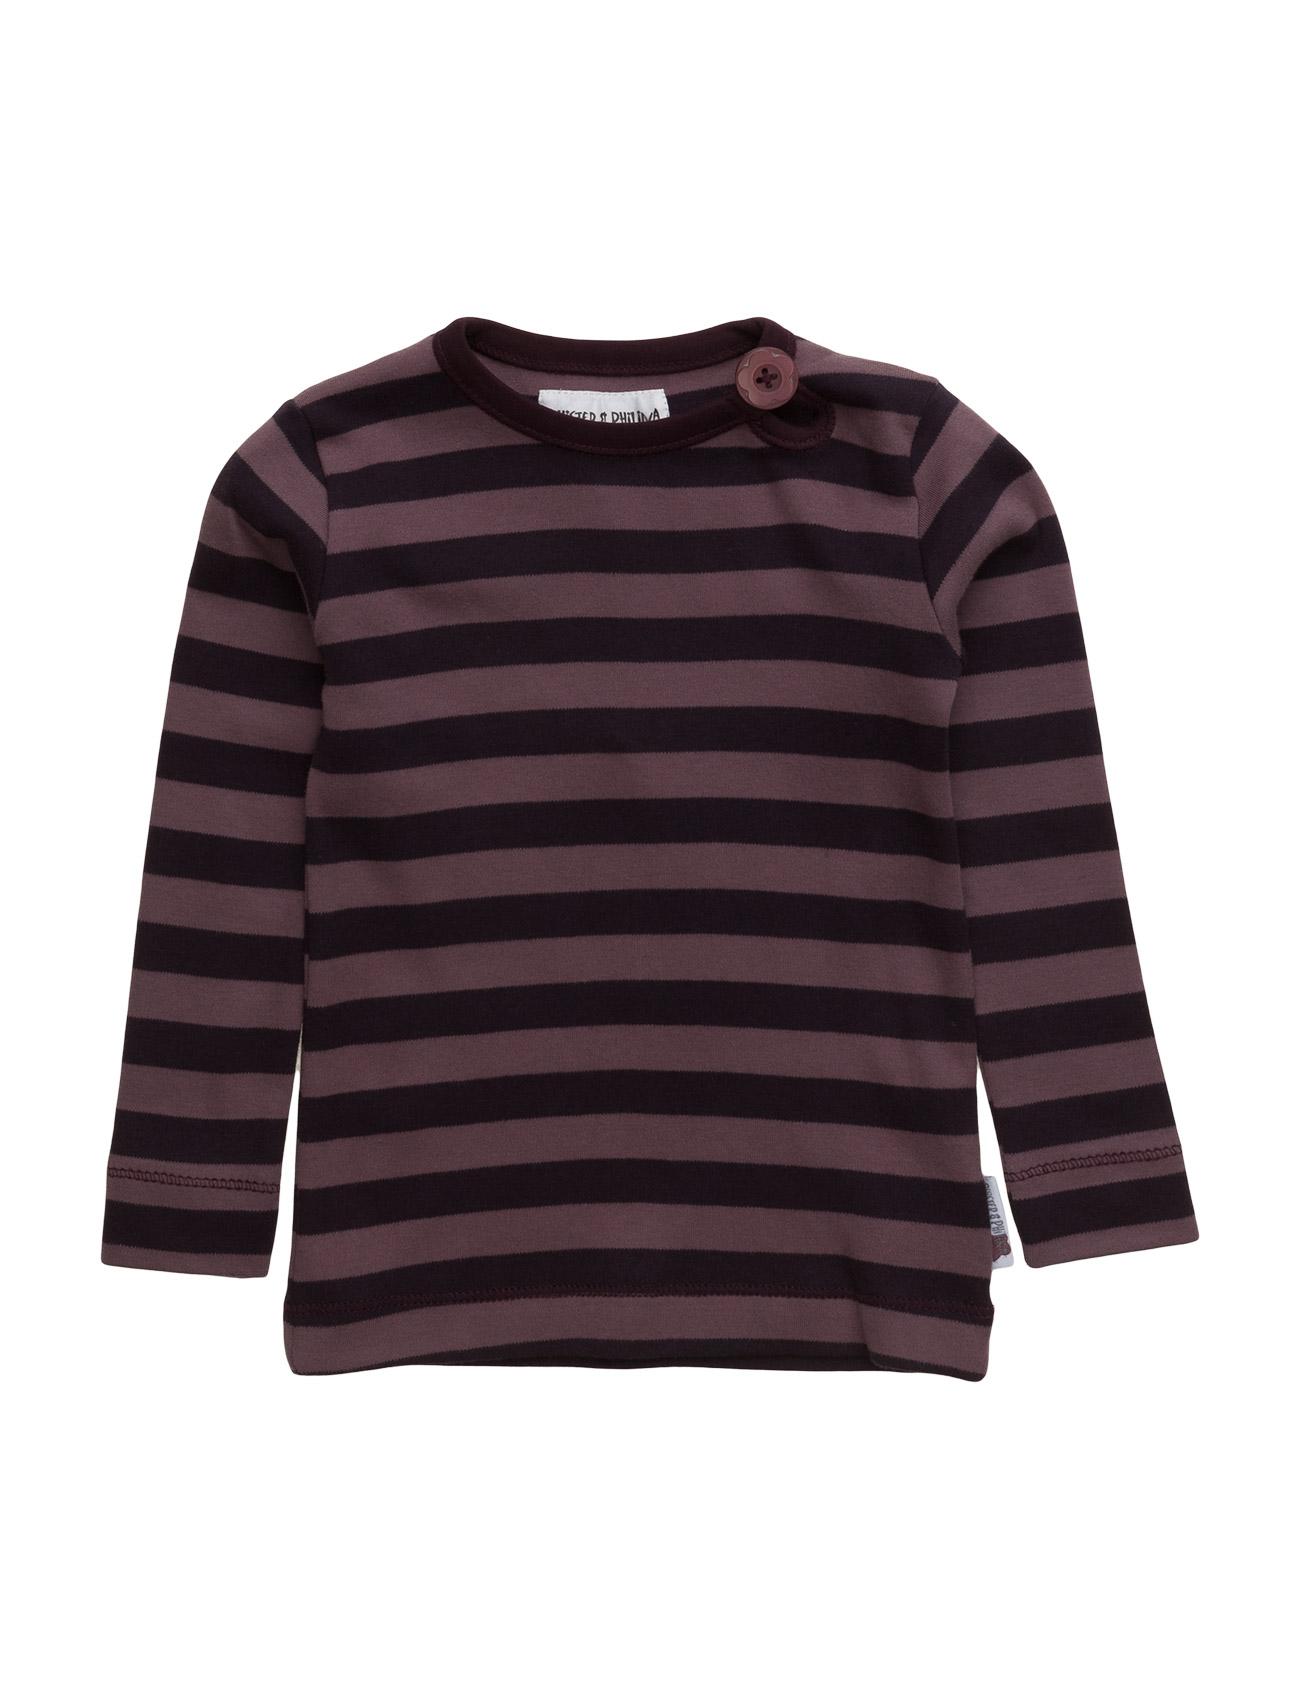 Benda Hist Top Phister & Philina Langærmede t-shirts til Børn i Minimal Grå